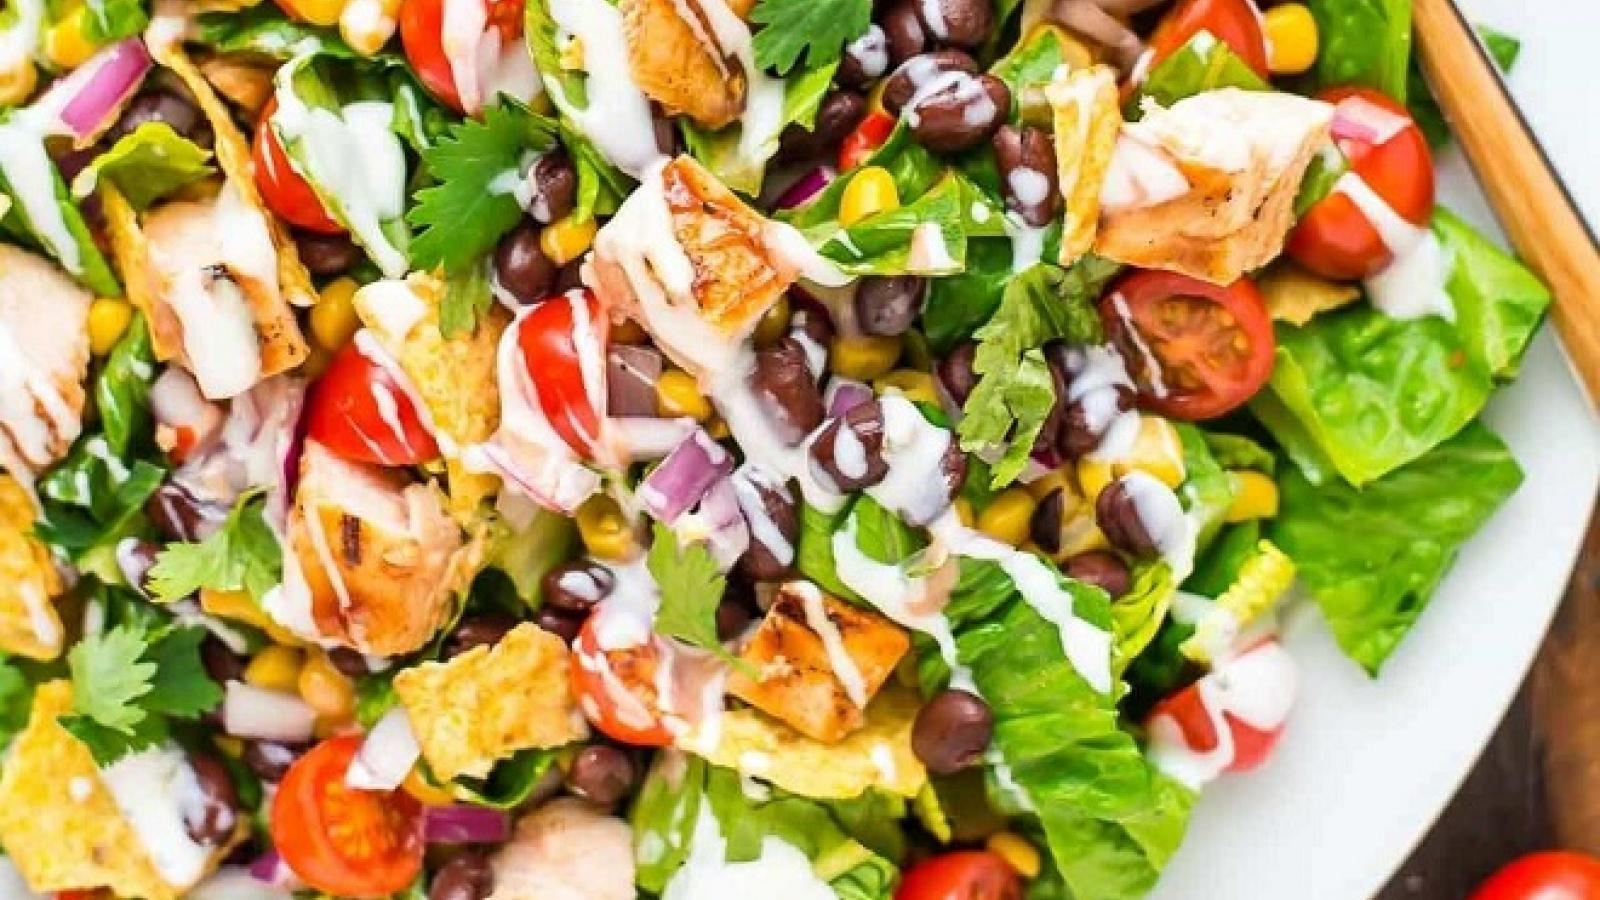 Tham khảo ngay 8 loại thực phẩm ăn vào buổi tối để da đẹp dáng xinh